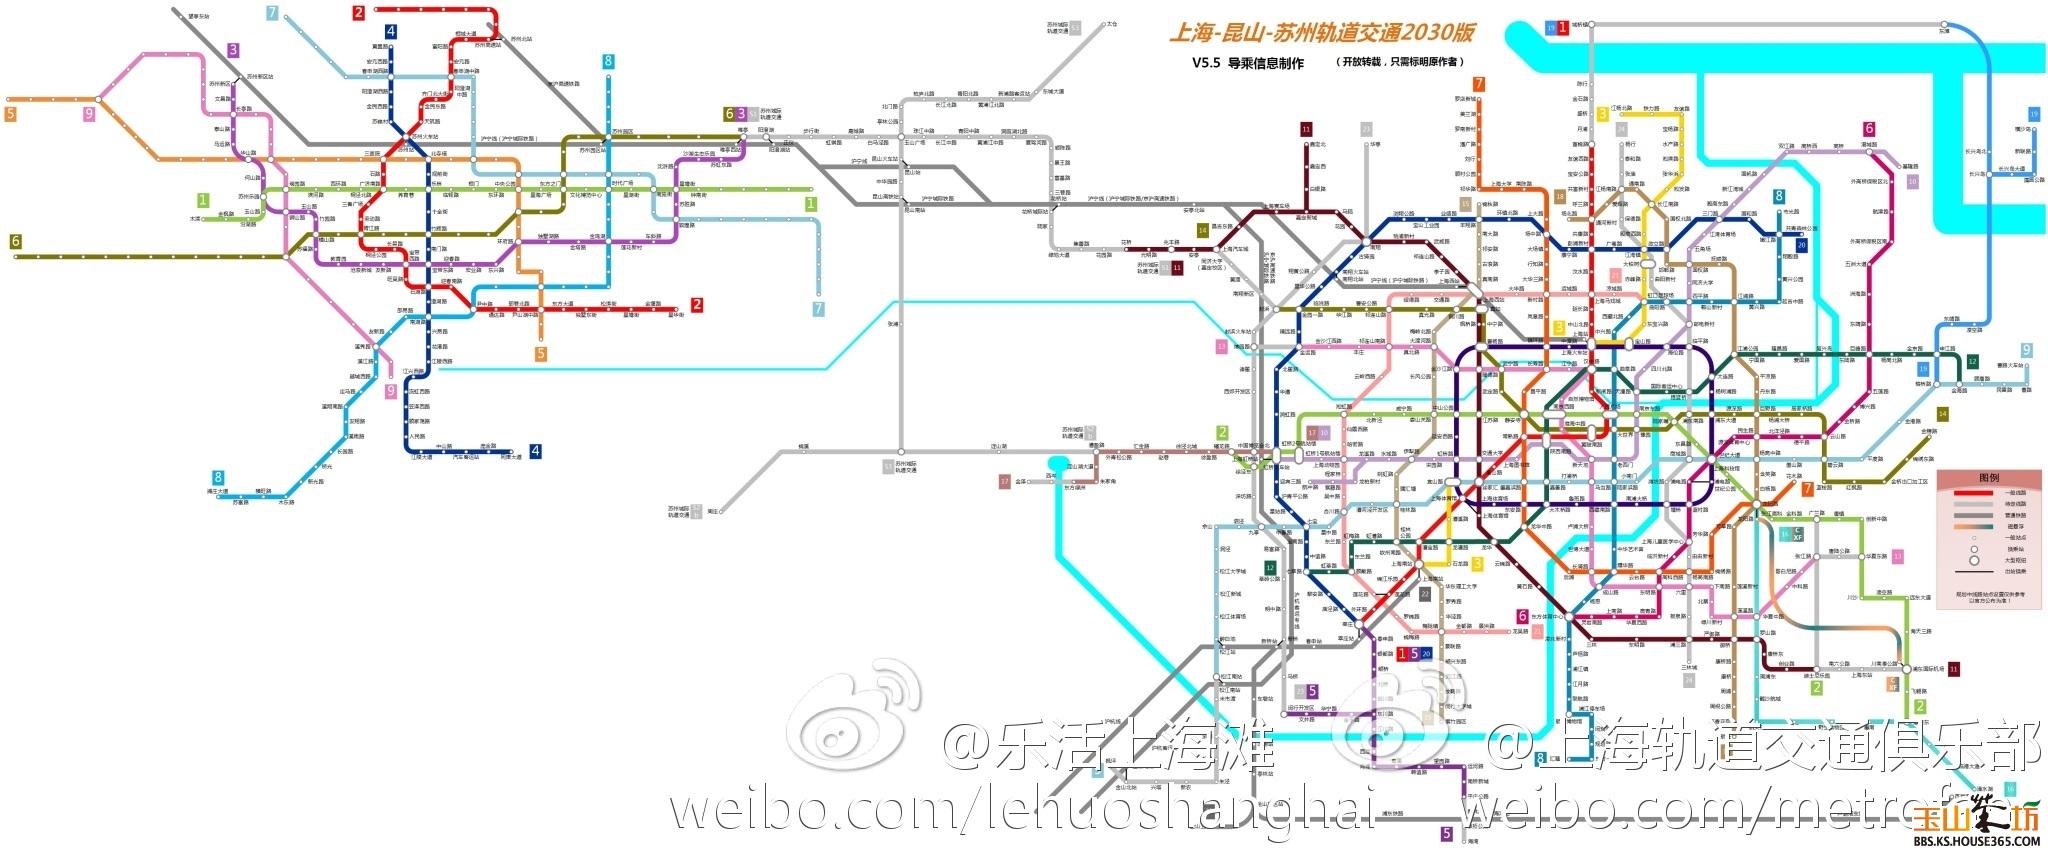 汽车站设计总图